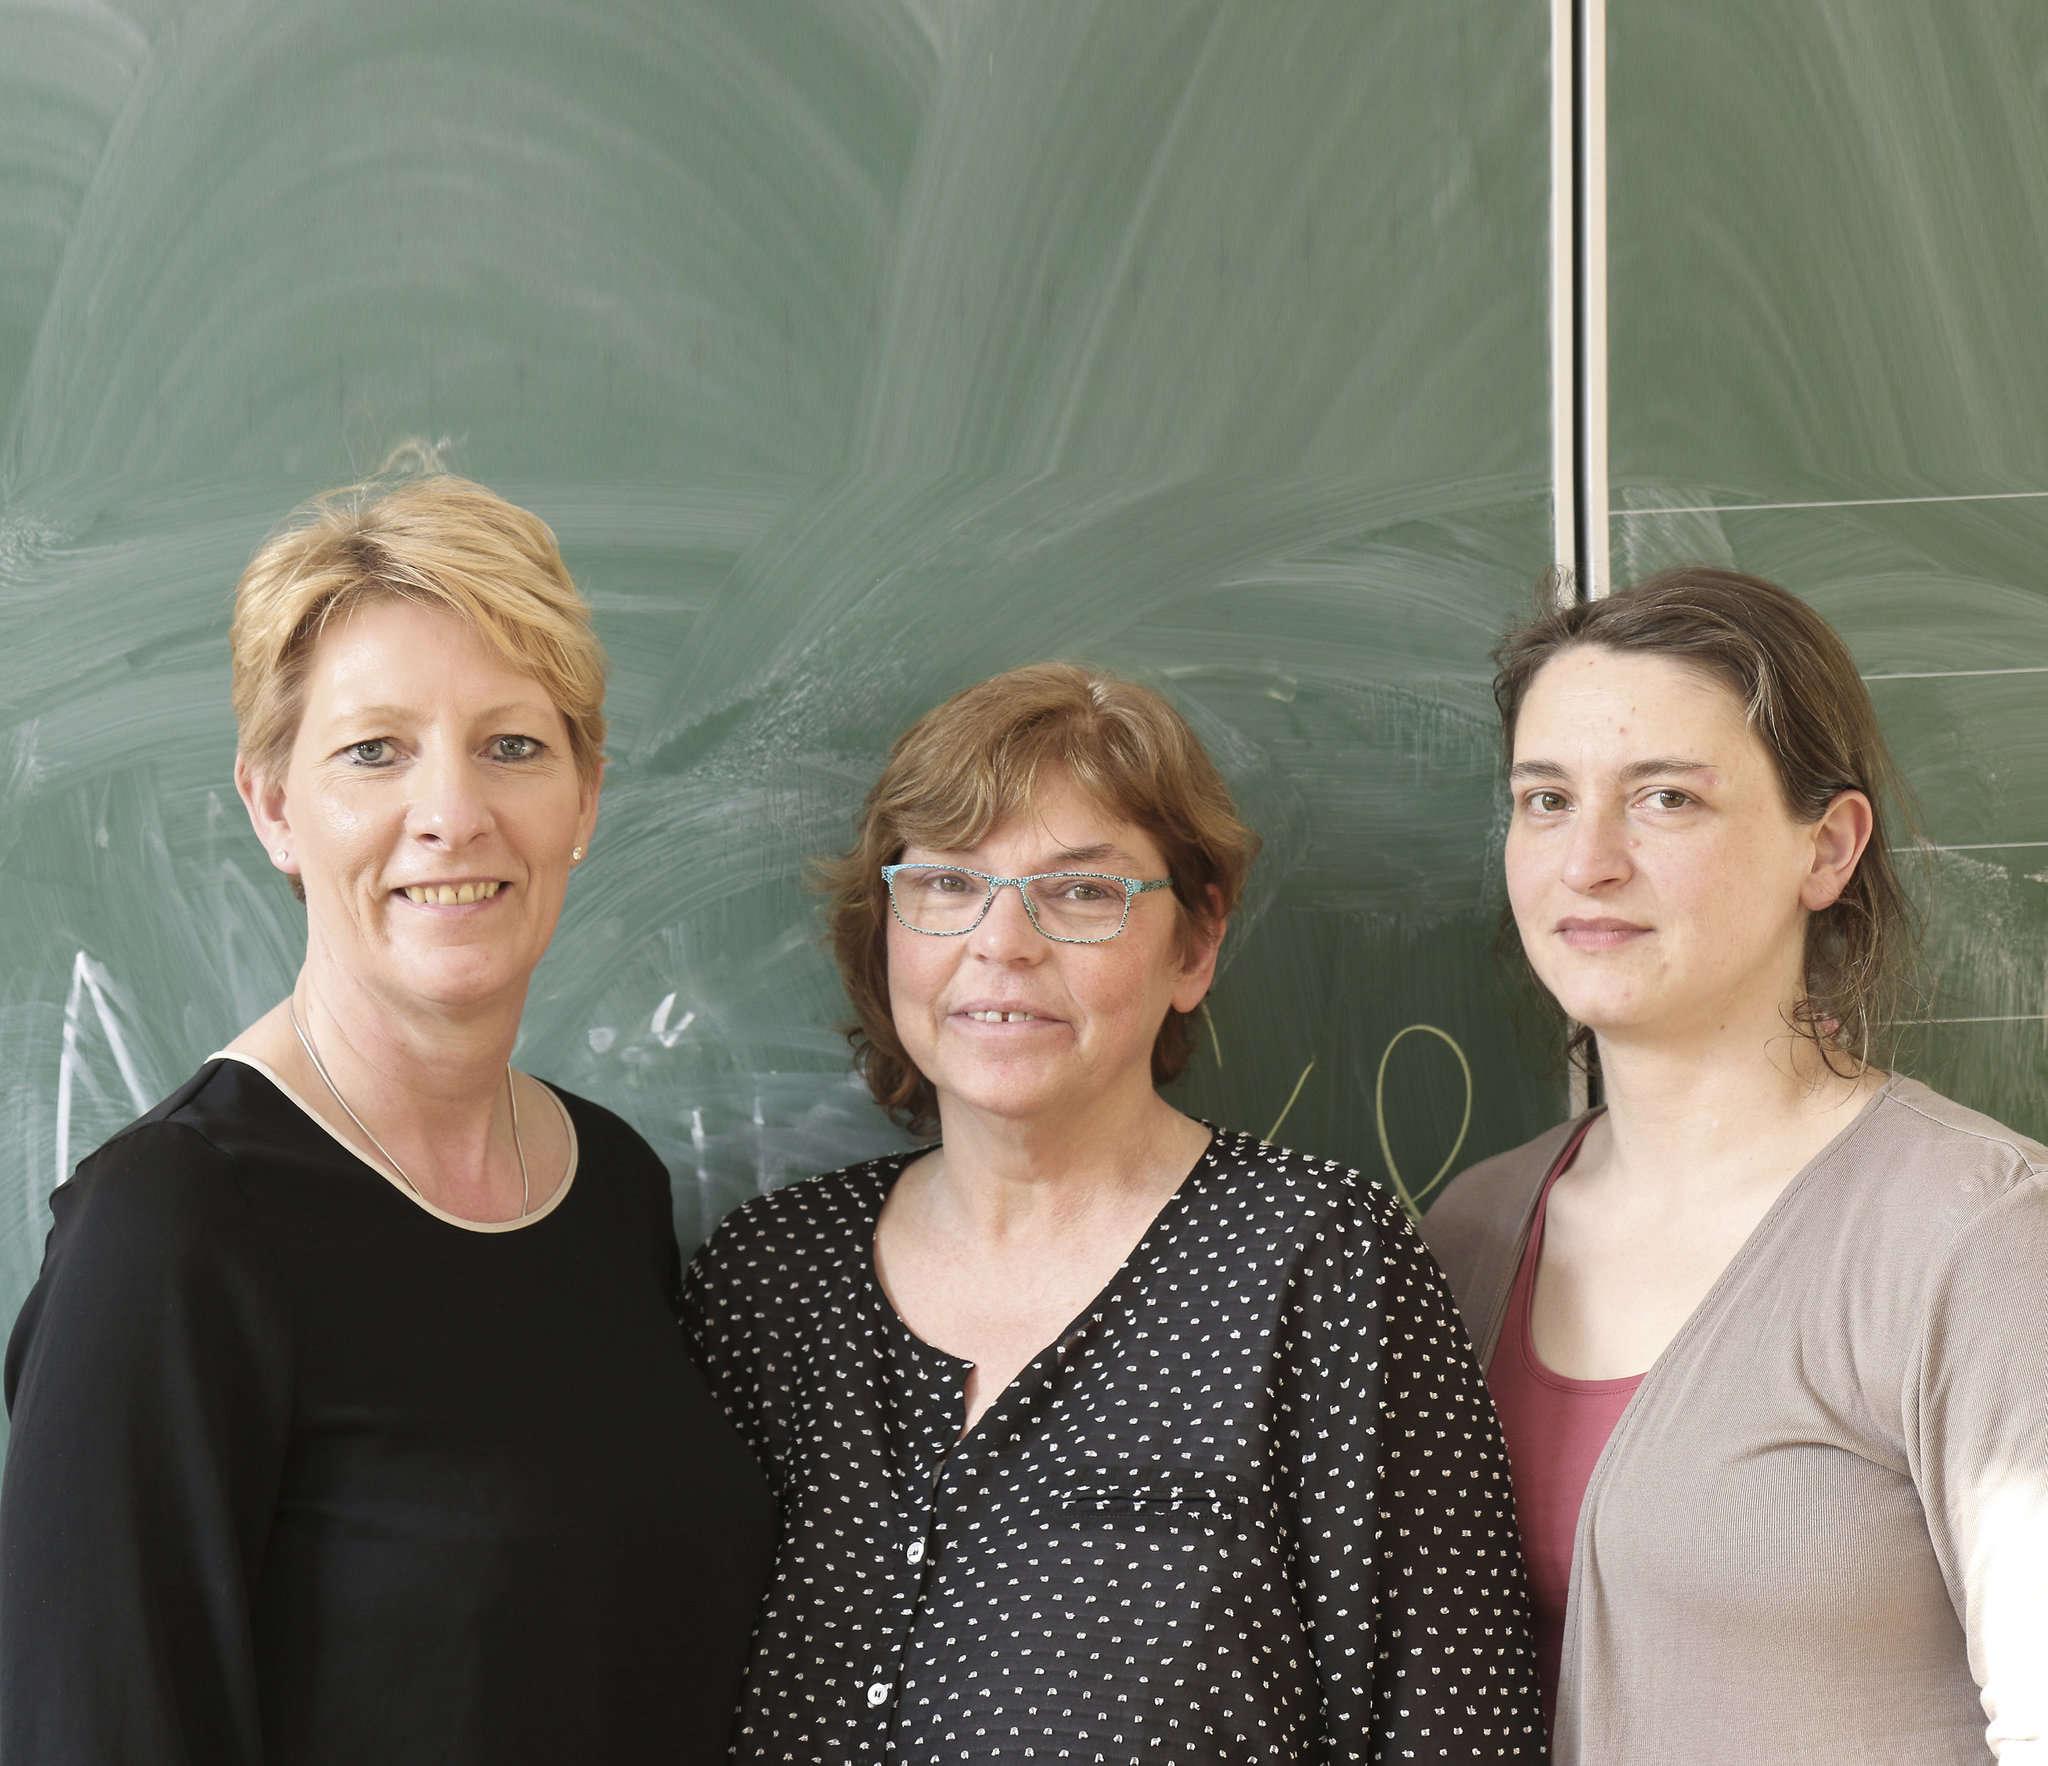 Elternsratsvorsitzende Linda Falkenberg (von links), Schulleiterin Susanne Enders und Iris Friedrich-Klinger, Vorsitzende des Fördervereins, wünschen sich mehr engagierte Eltern.